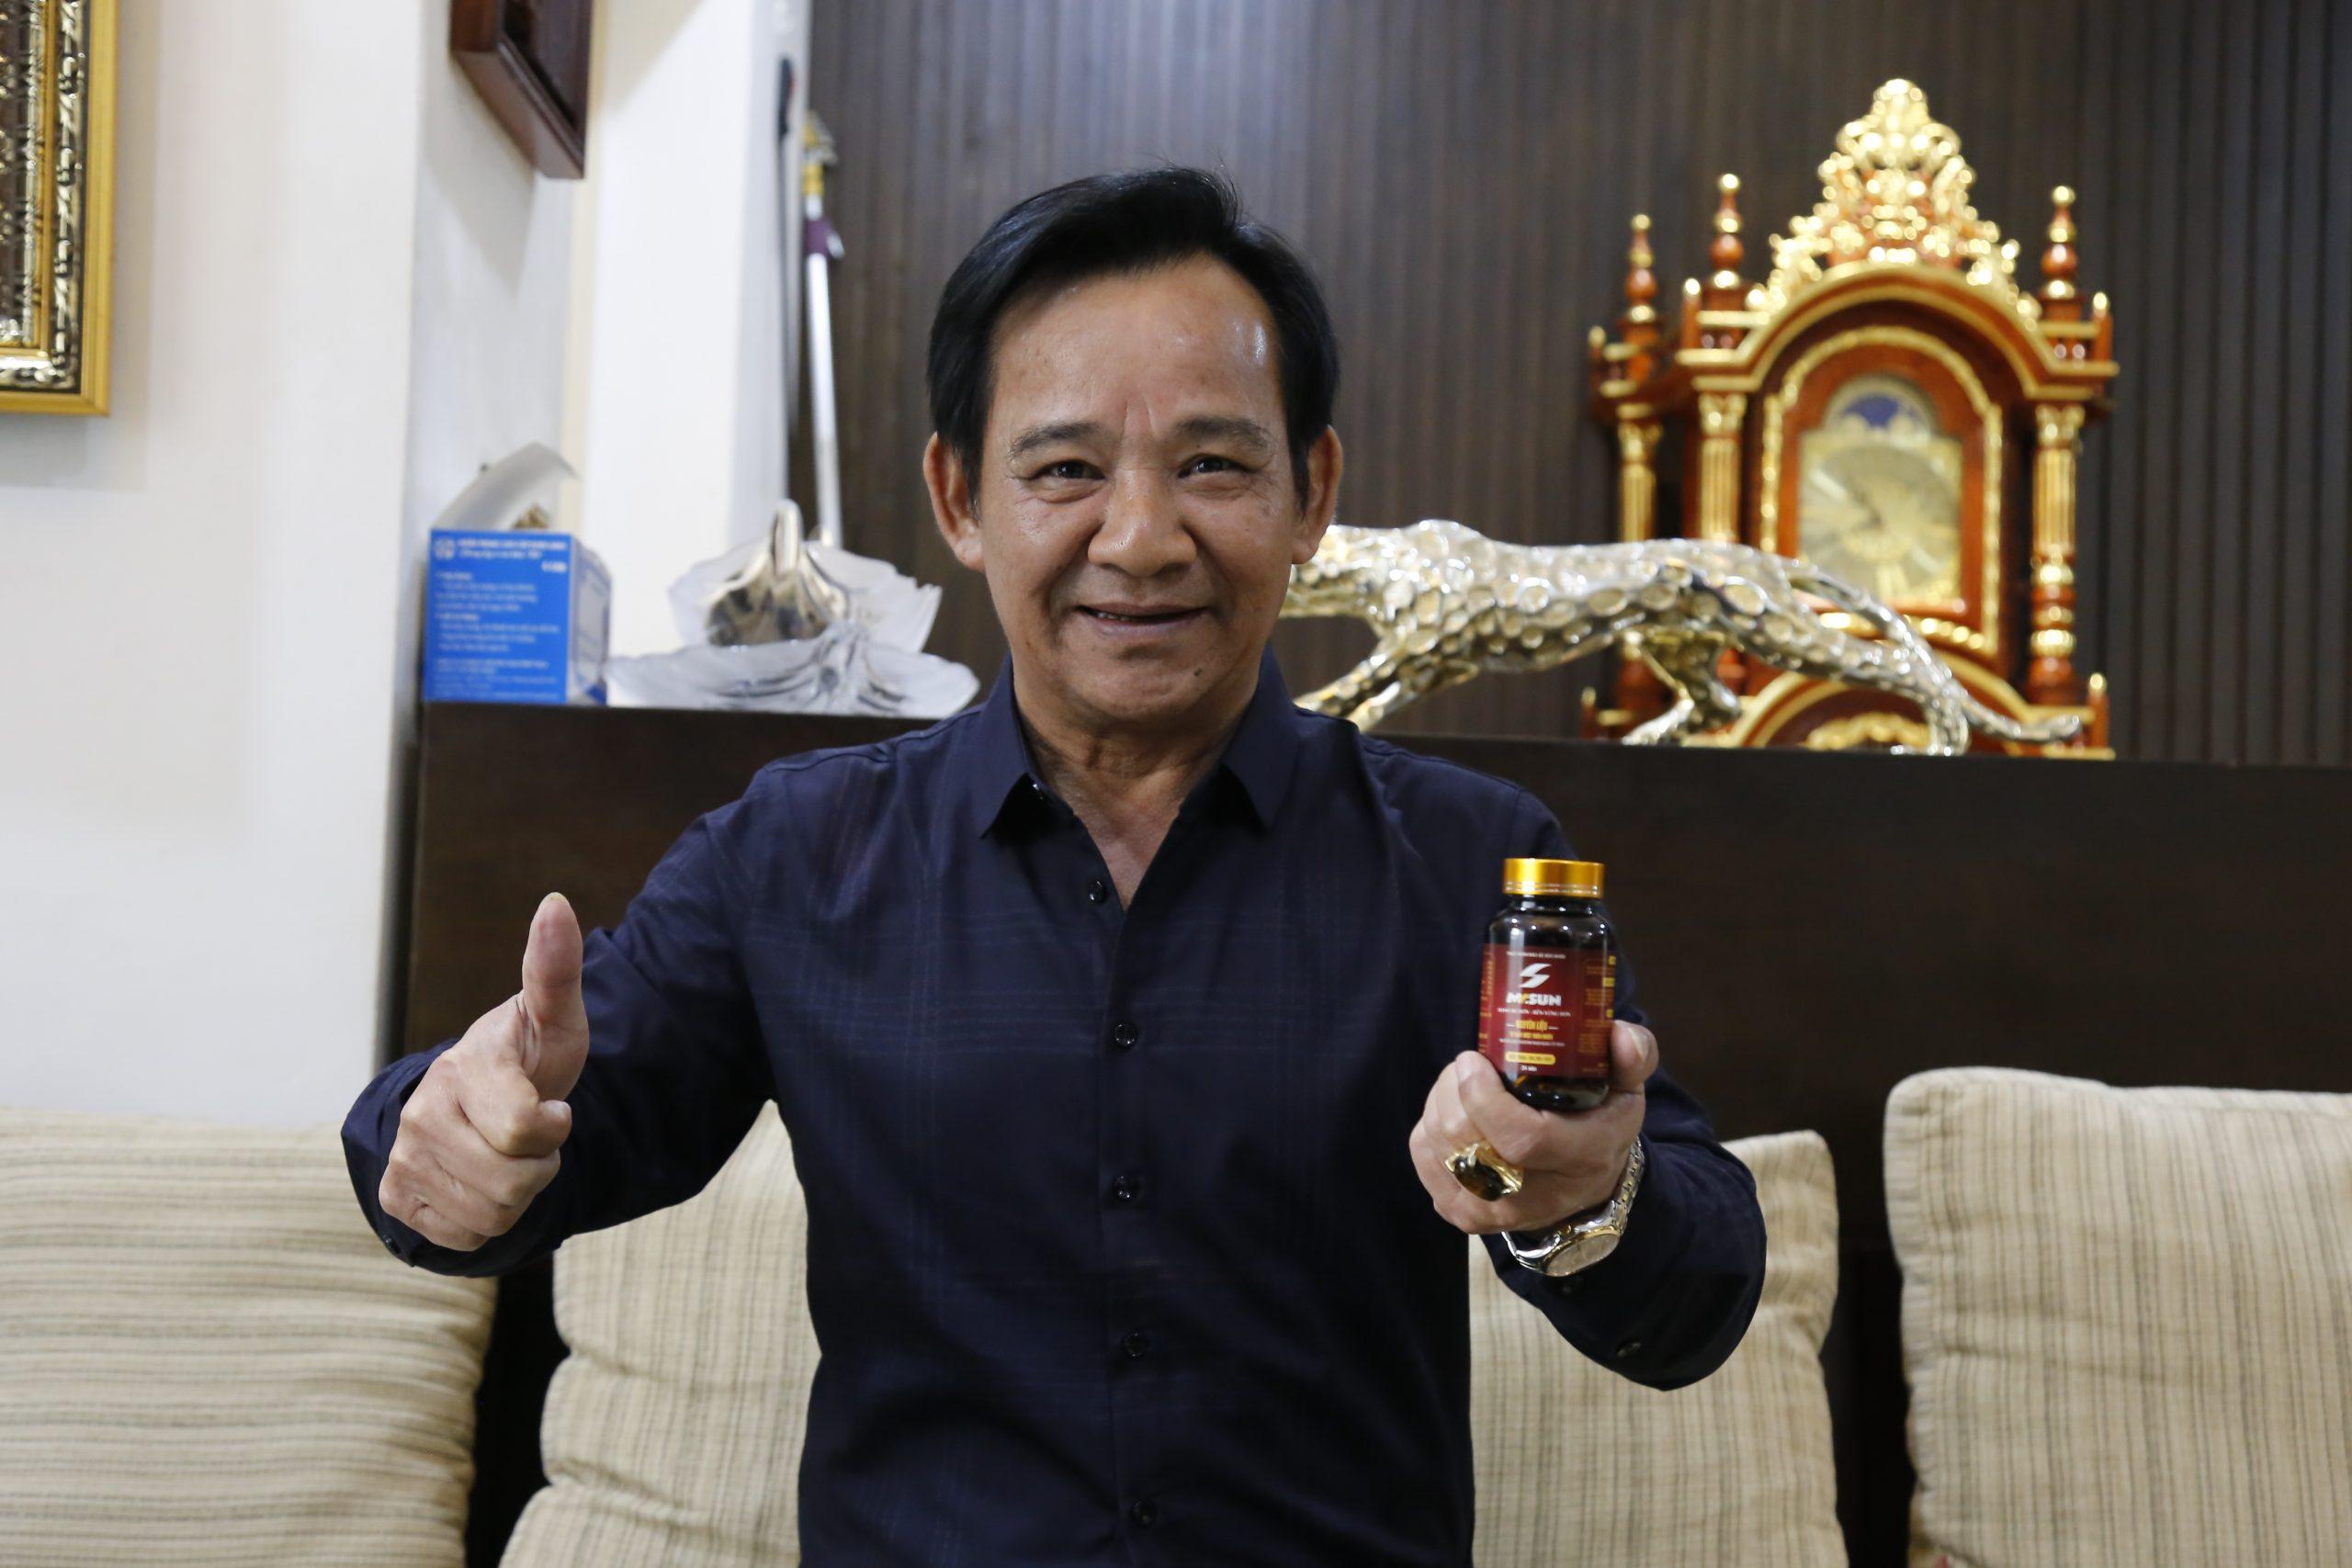 Viên uống Mr Sun - Bí quyết giúp Nghệ sĩ ưu tú Quang Tèo luôn khoẻ mạnh, sung mãn, không còn lo yếu sinh lý